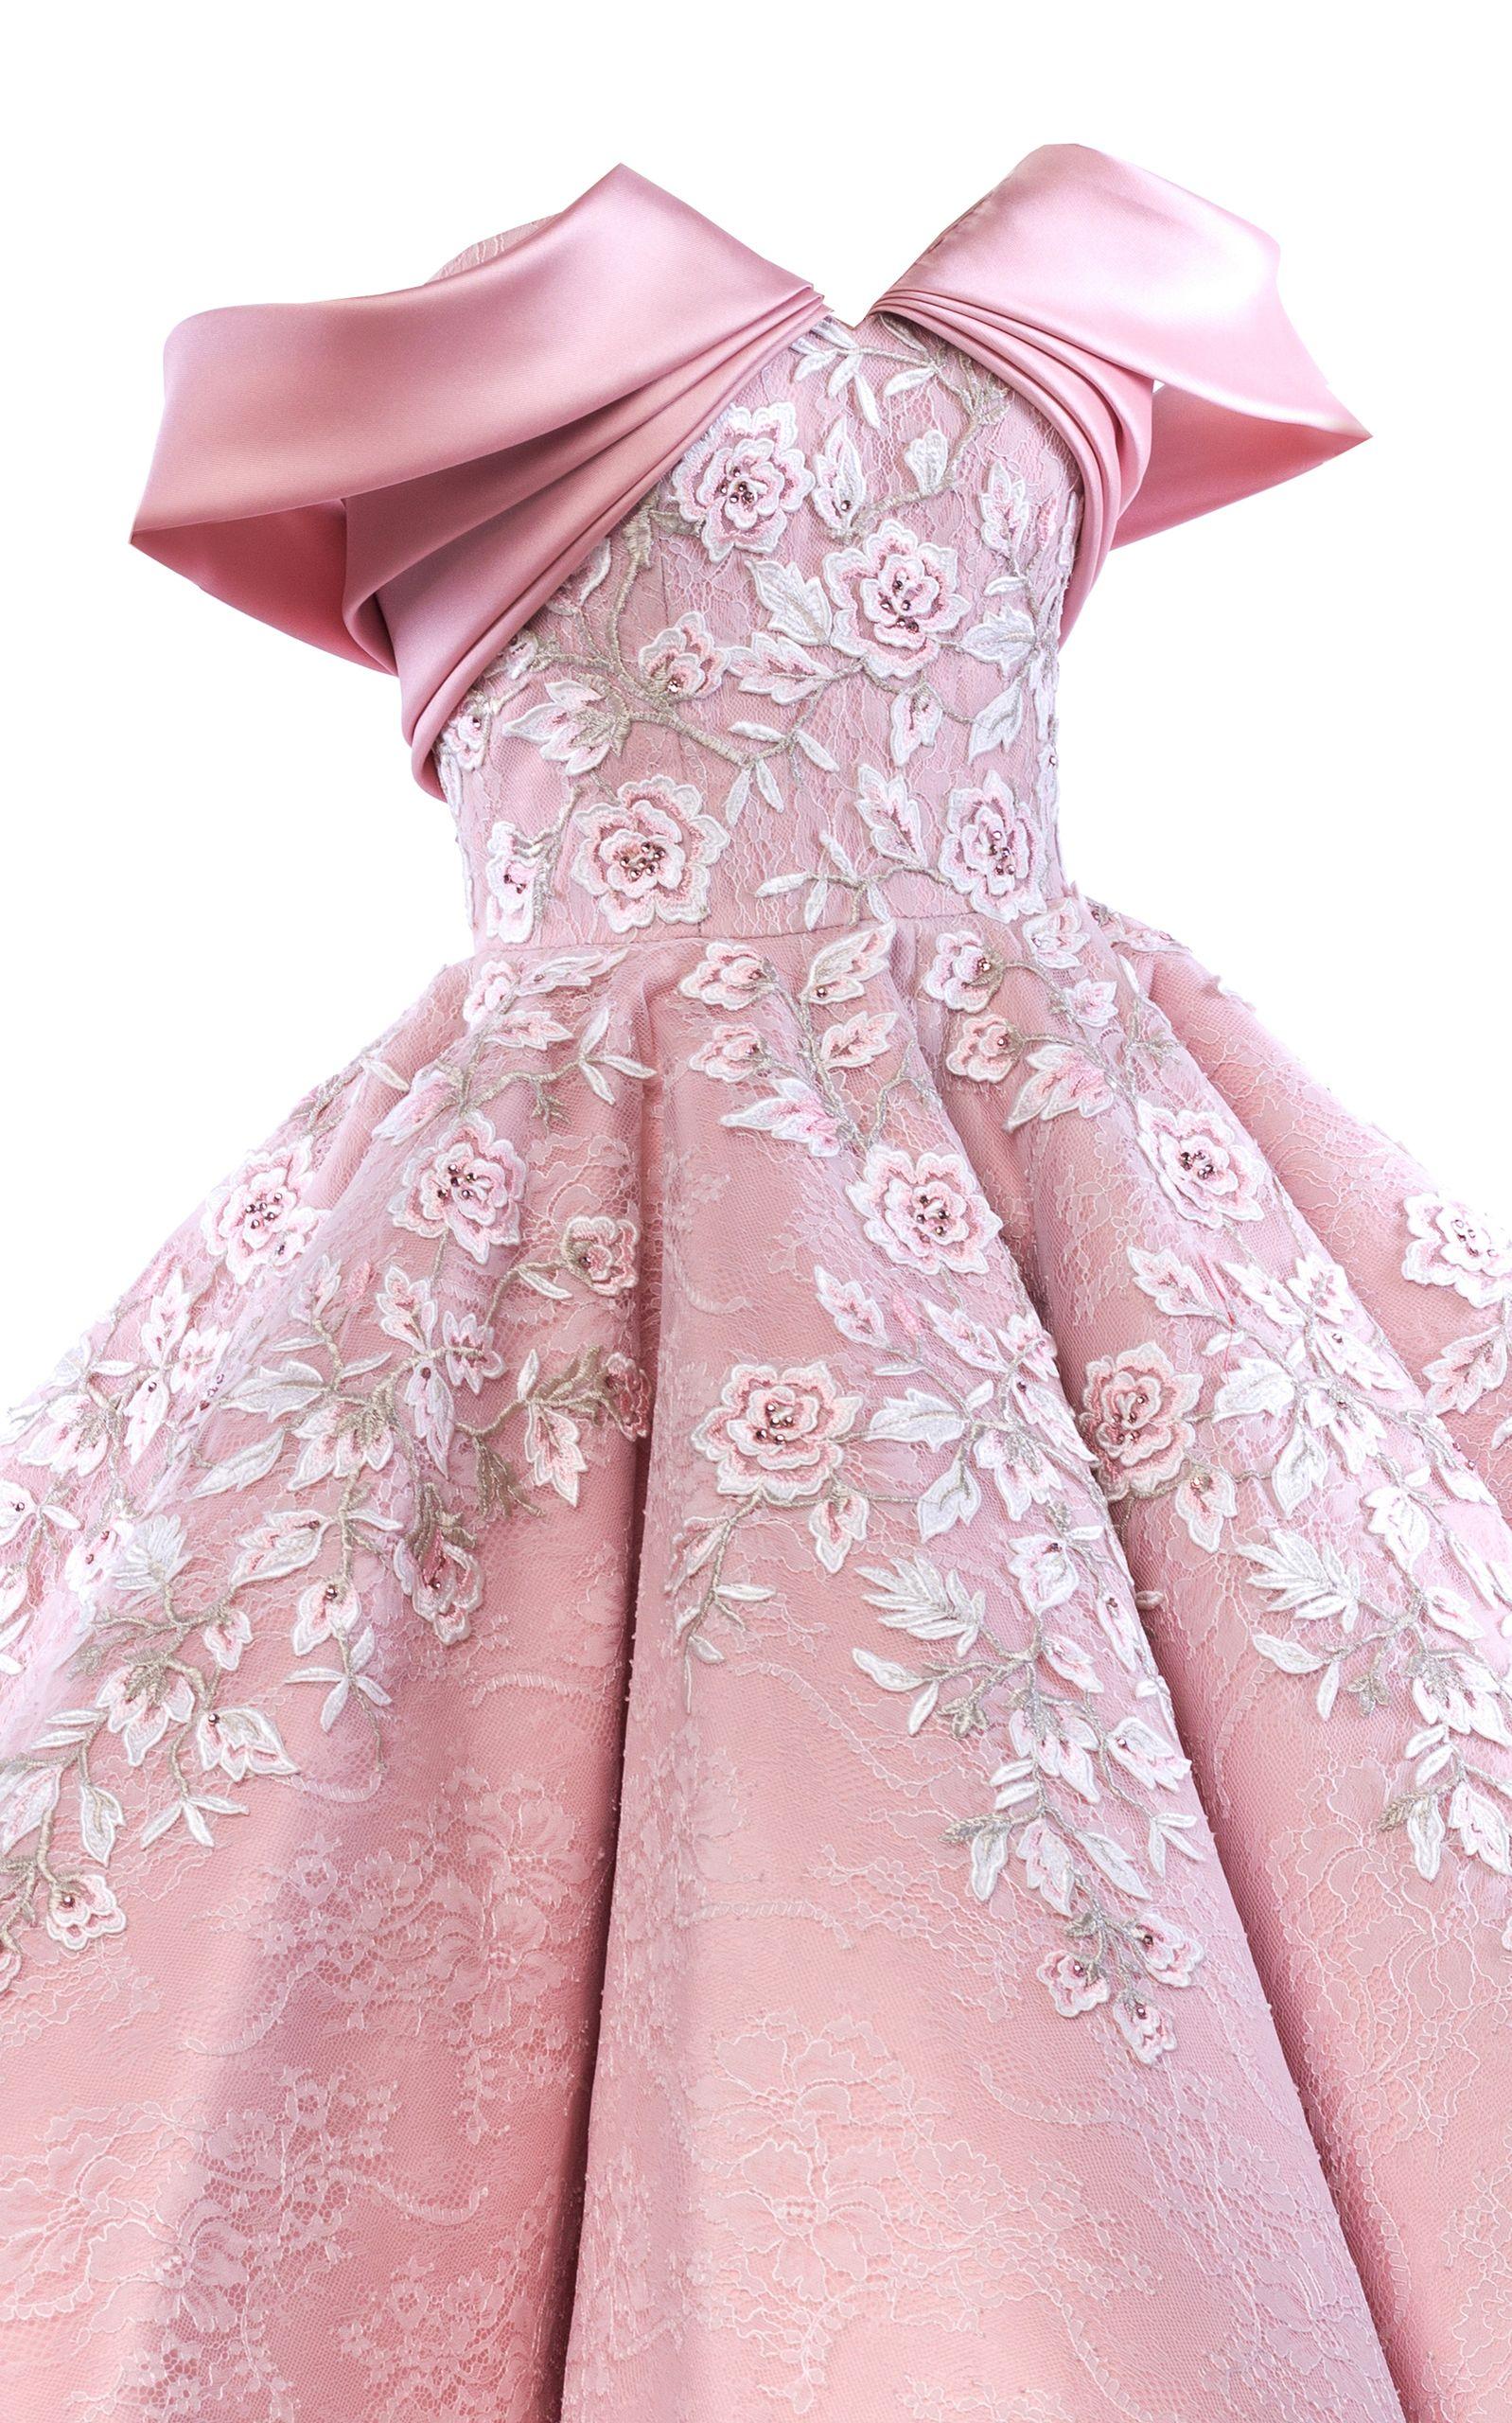 Perfecto únicos Vestidos Cortos Del Reino Unido Motivo - Ideas de ...